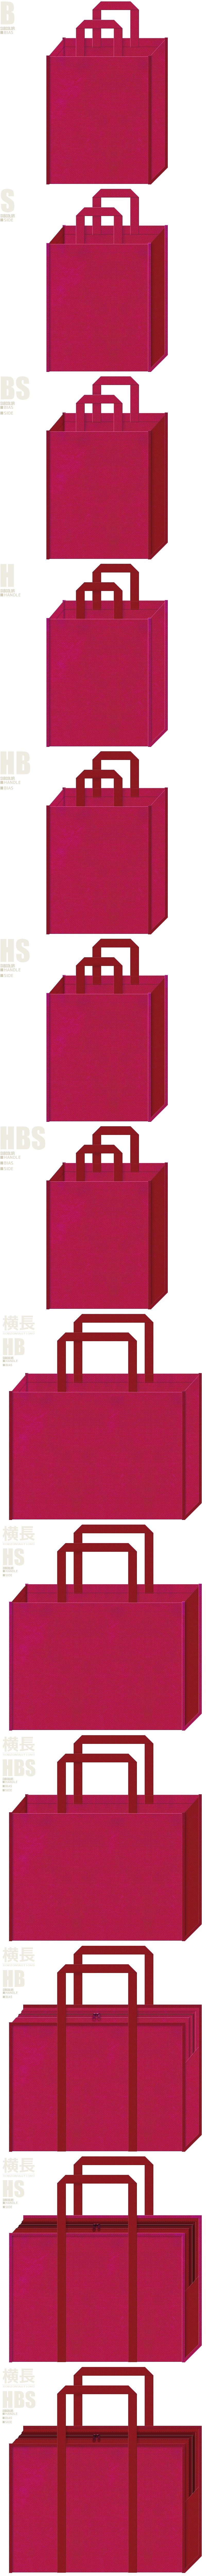 絢爛・舞妓・振袖・着物・卒業式・成人式・七五三・雛祭り・写真館・和雑貨・和風催事・お正月・福袋にお奨め:濃いピンク色とエンジ色の配色7パターン